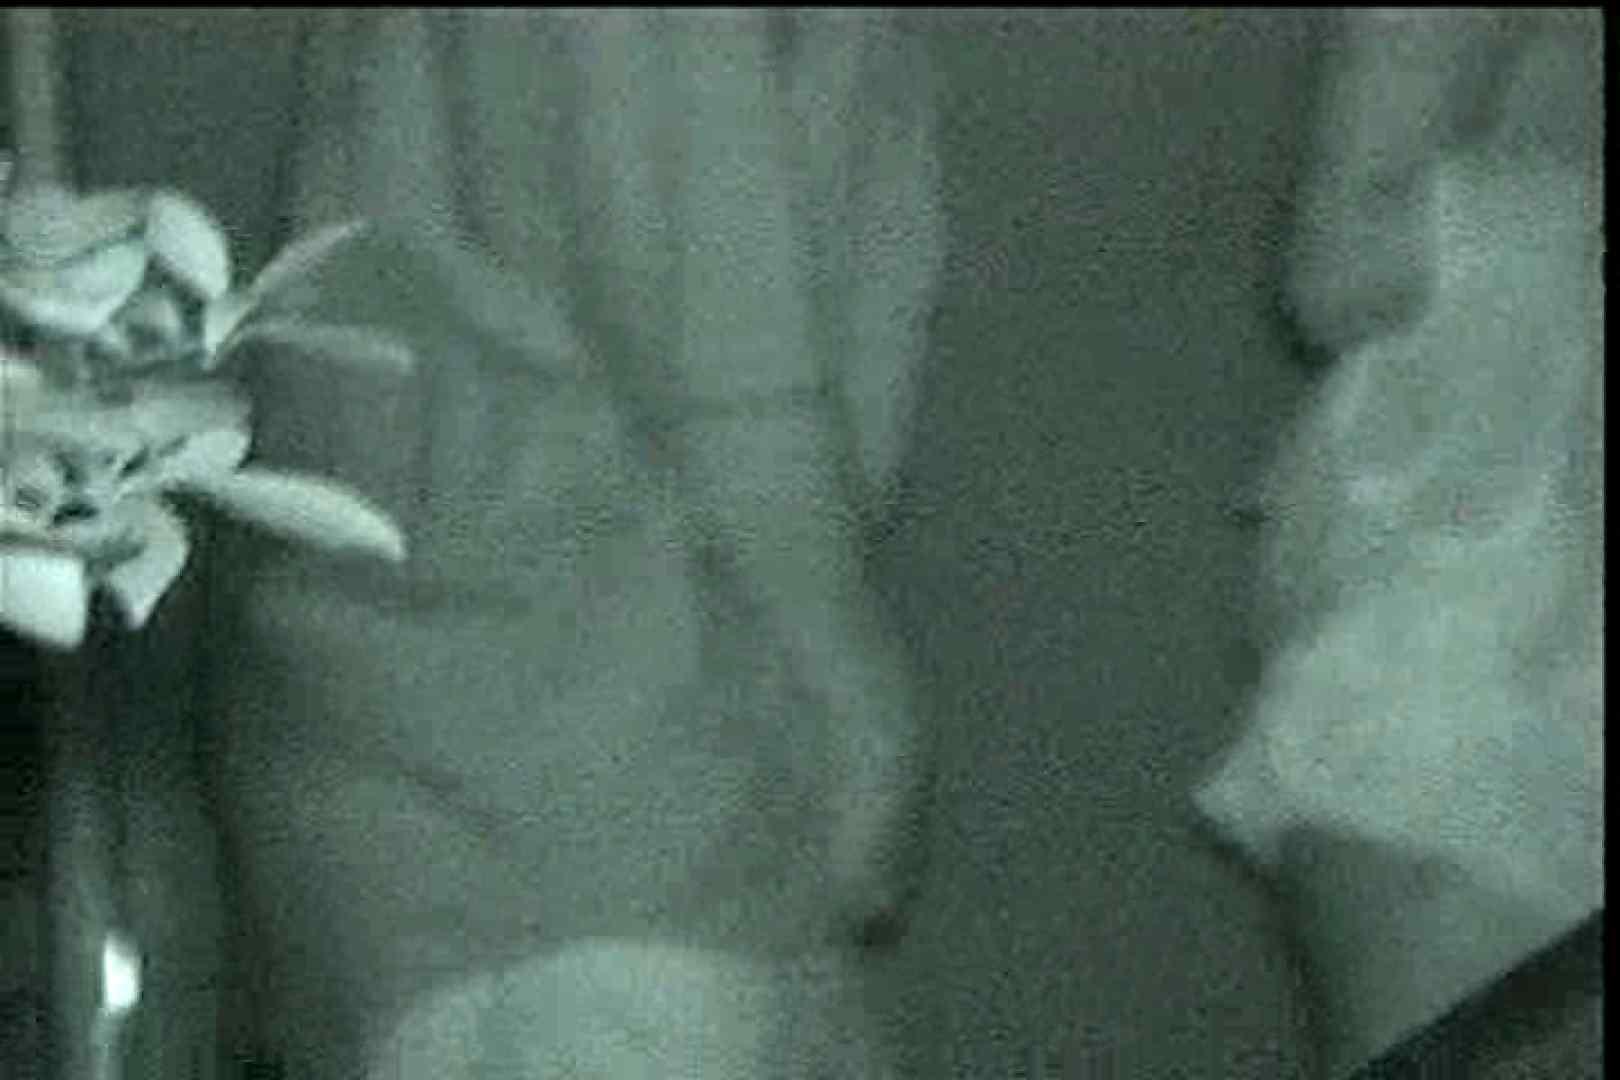 闇の仕掛け人 無修正版 Vol.18 魅力 オマンコ動画キャプチャ 41連発 27